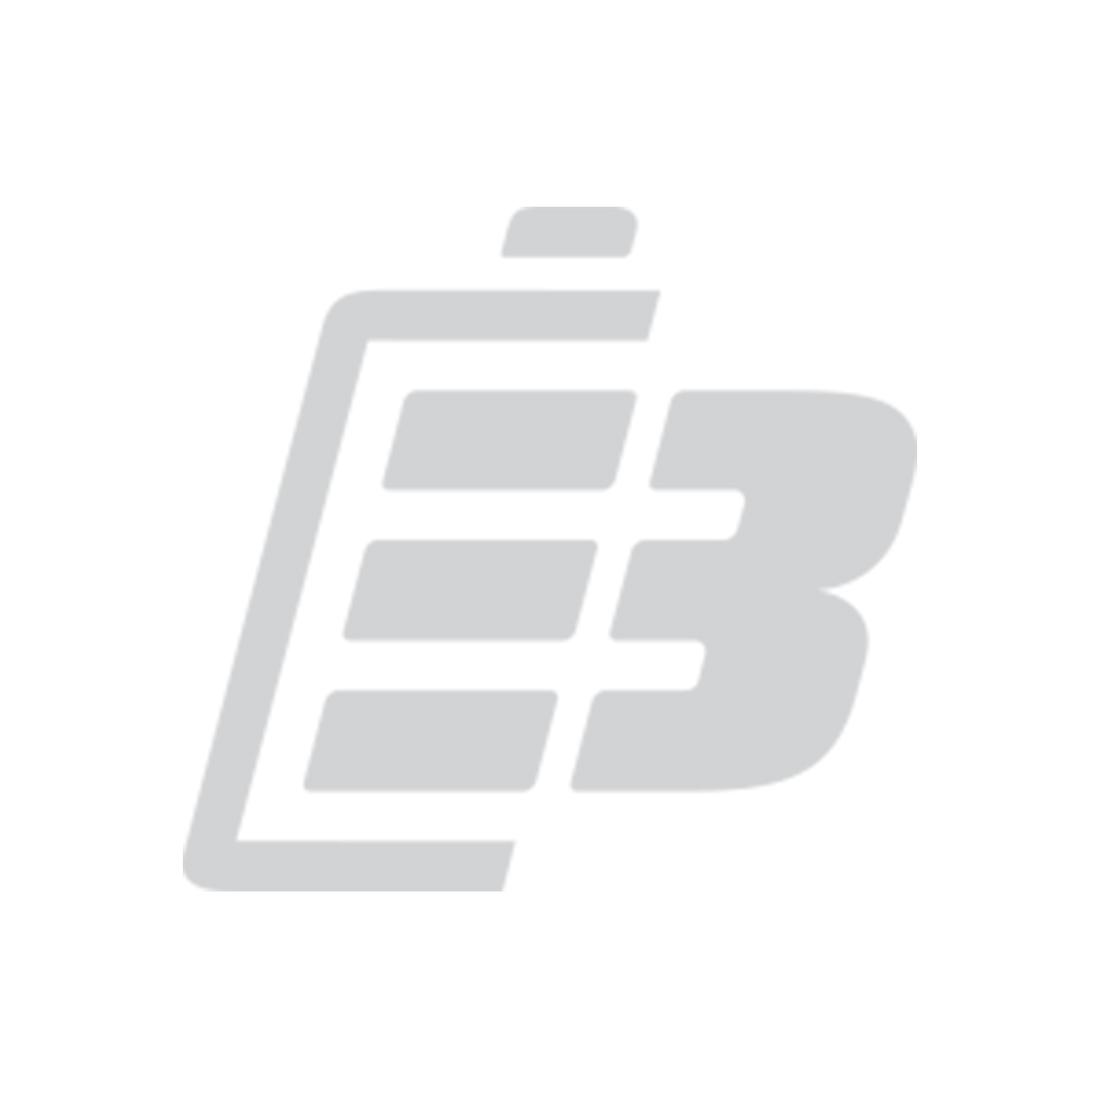 Μπαταρία κινητού τηλεφώνου Samsung D870_1